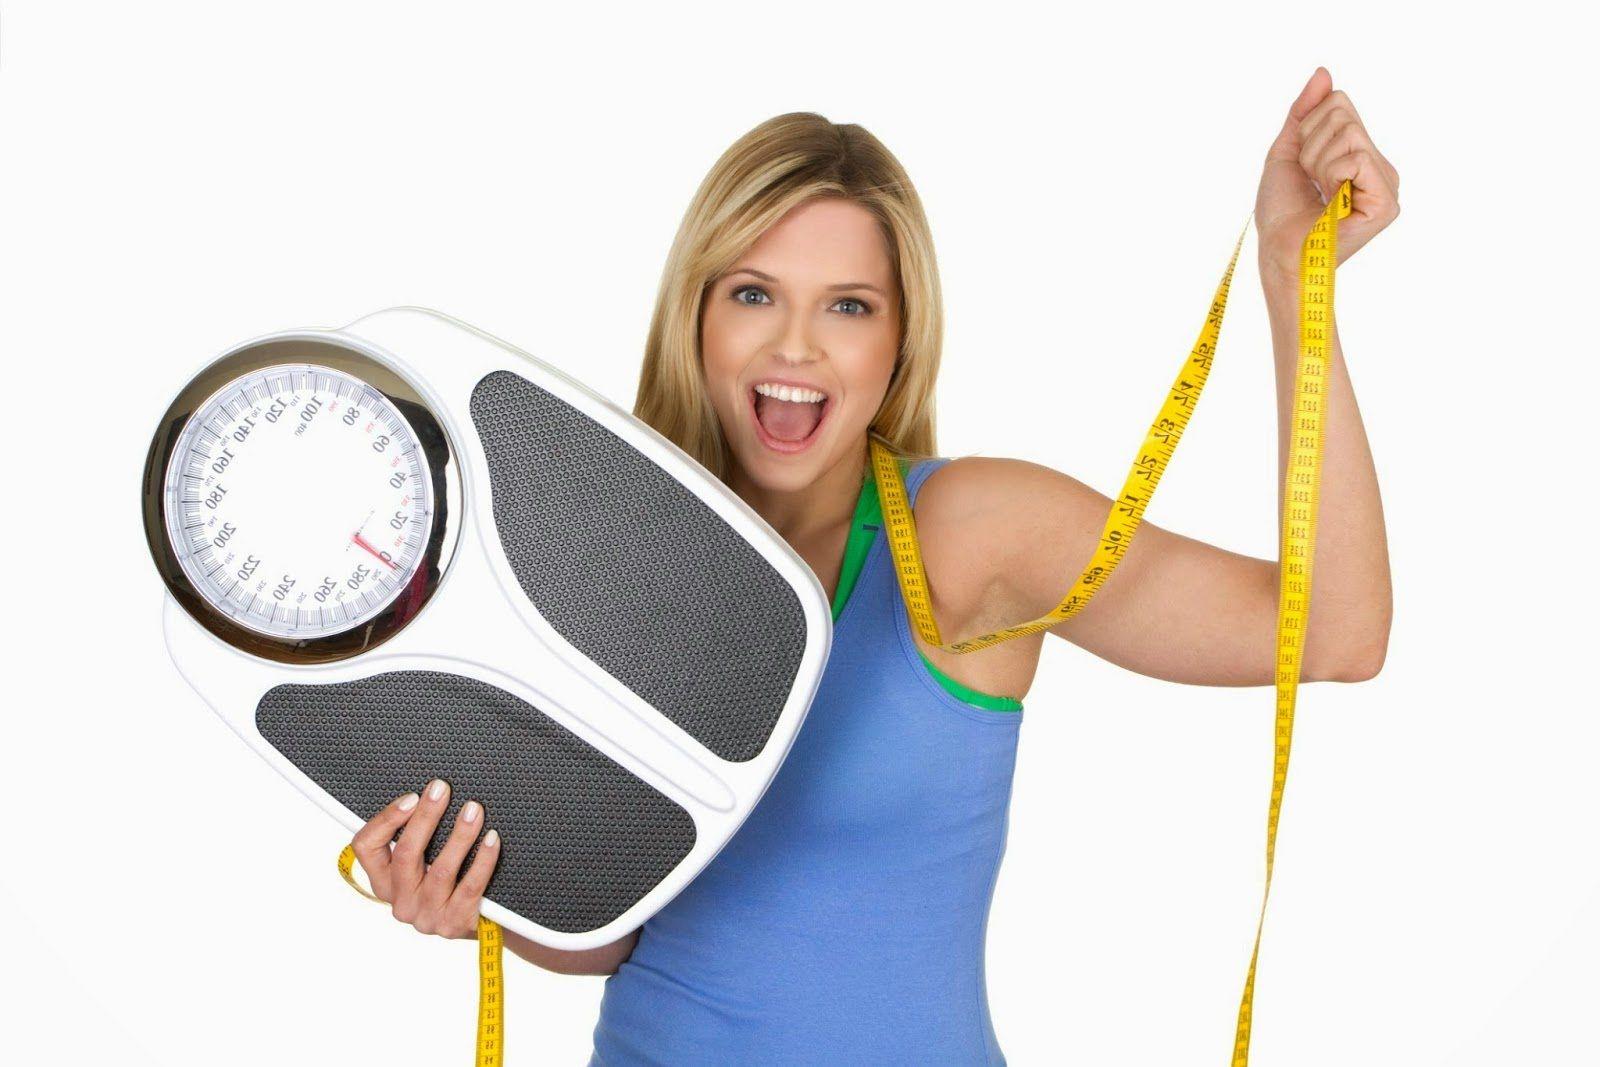 perdre du poids rapidement sans reprendre perdre du poids en deux semaines maigrir cuisses. Black Bedroom Furniture Sets. Home Design Ideas